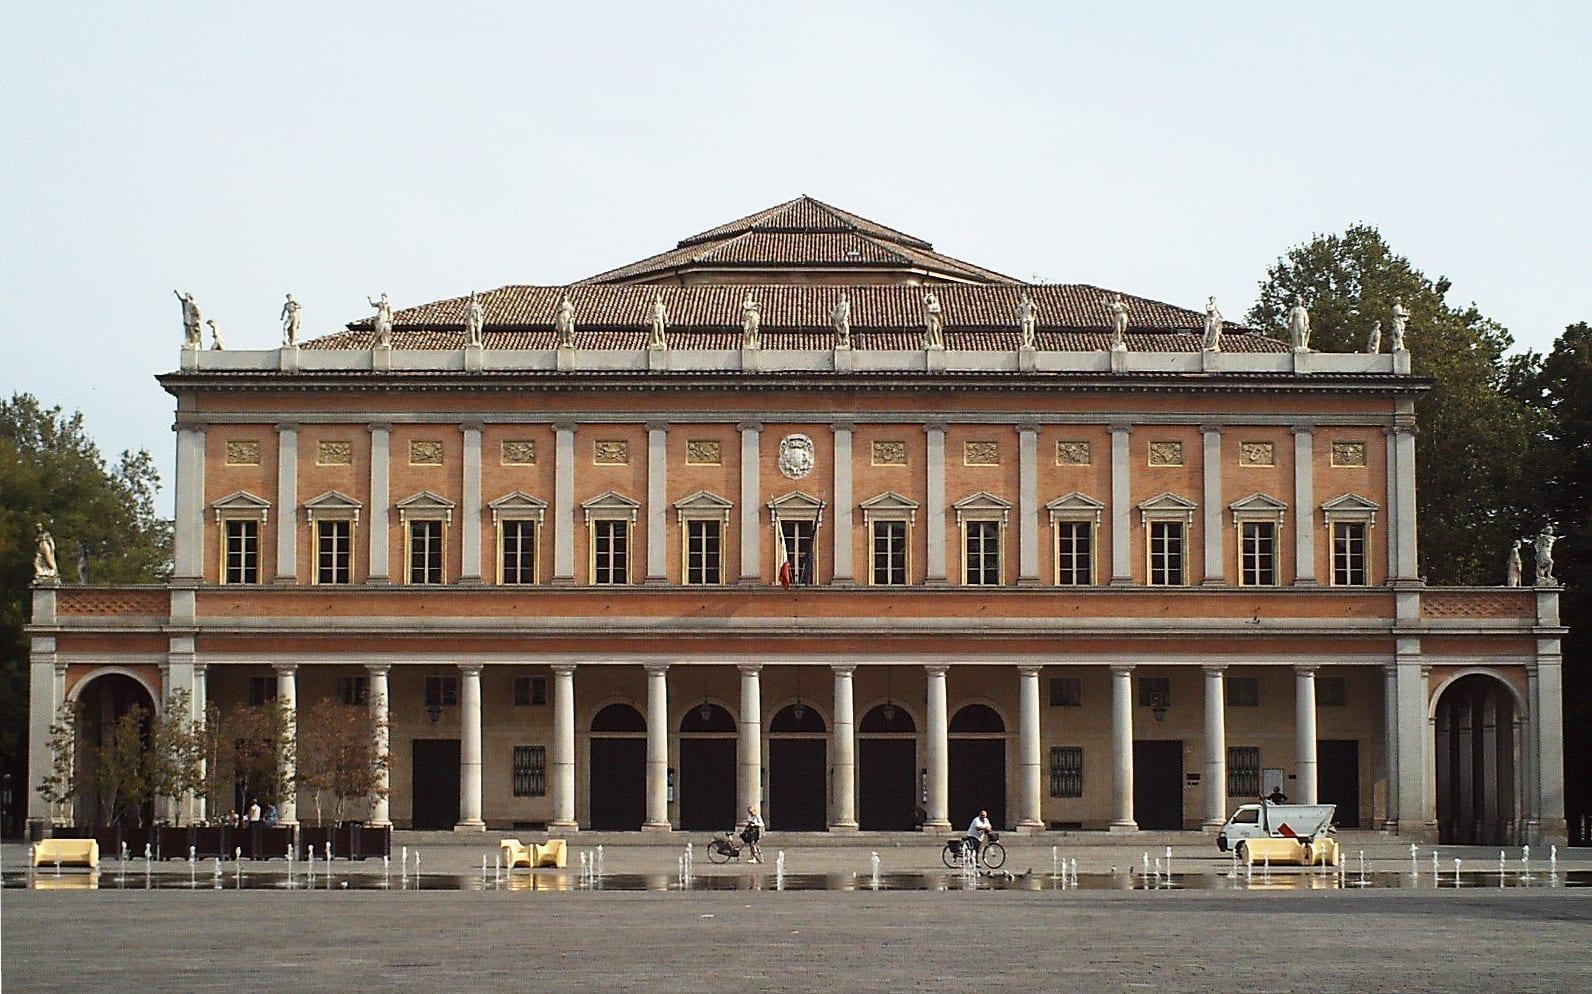 Teatro Municipal Reggio Emilia Italia